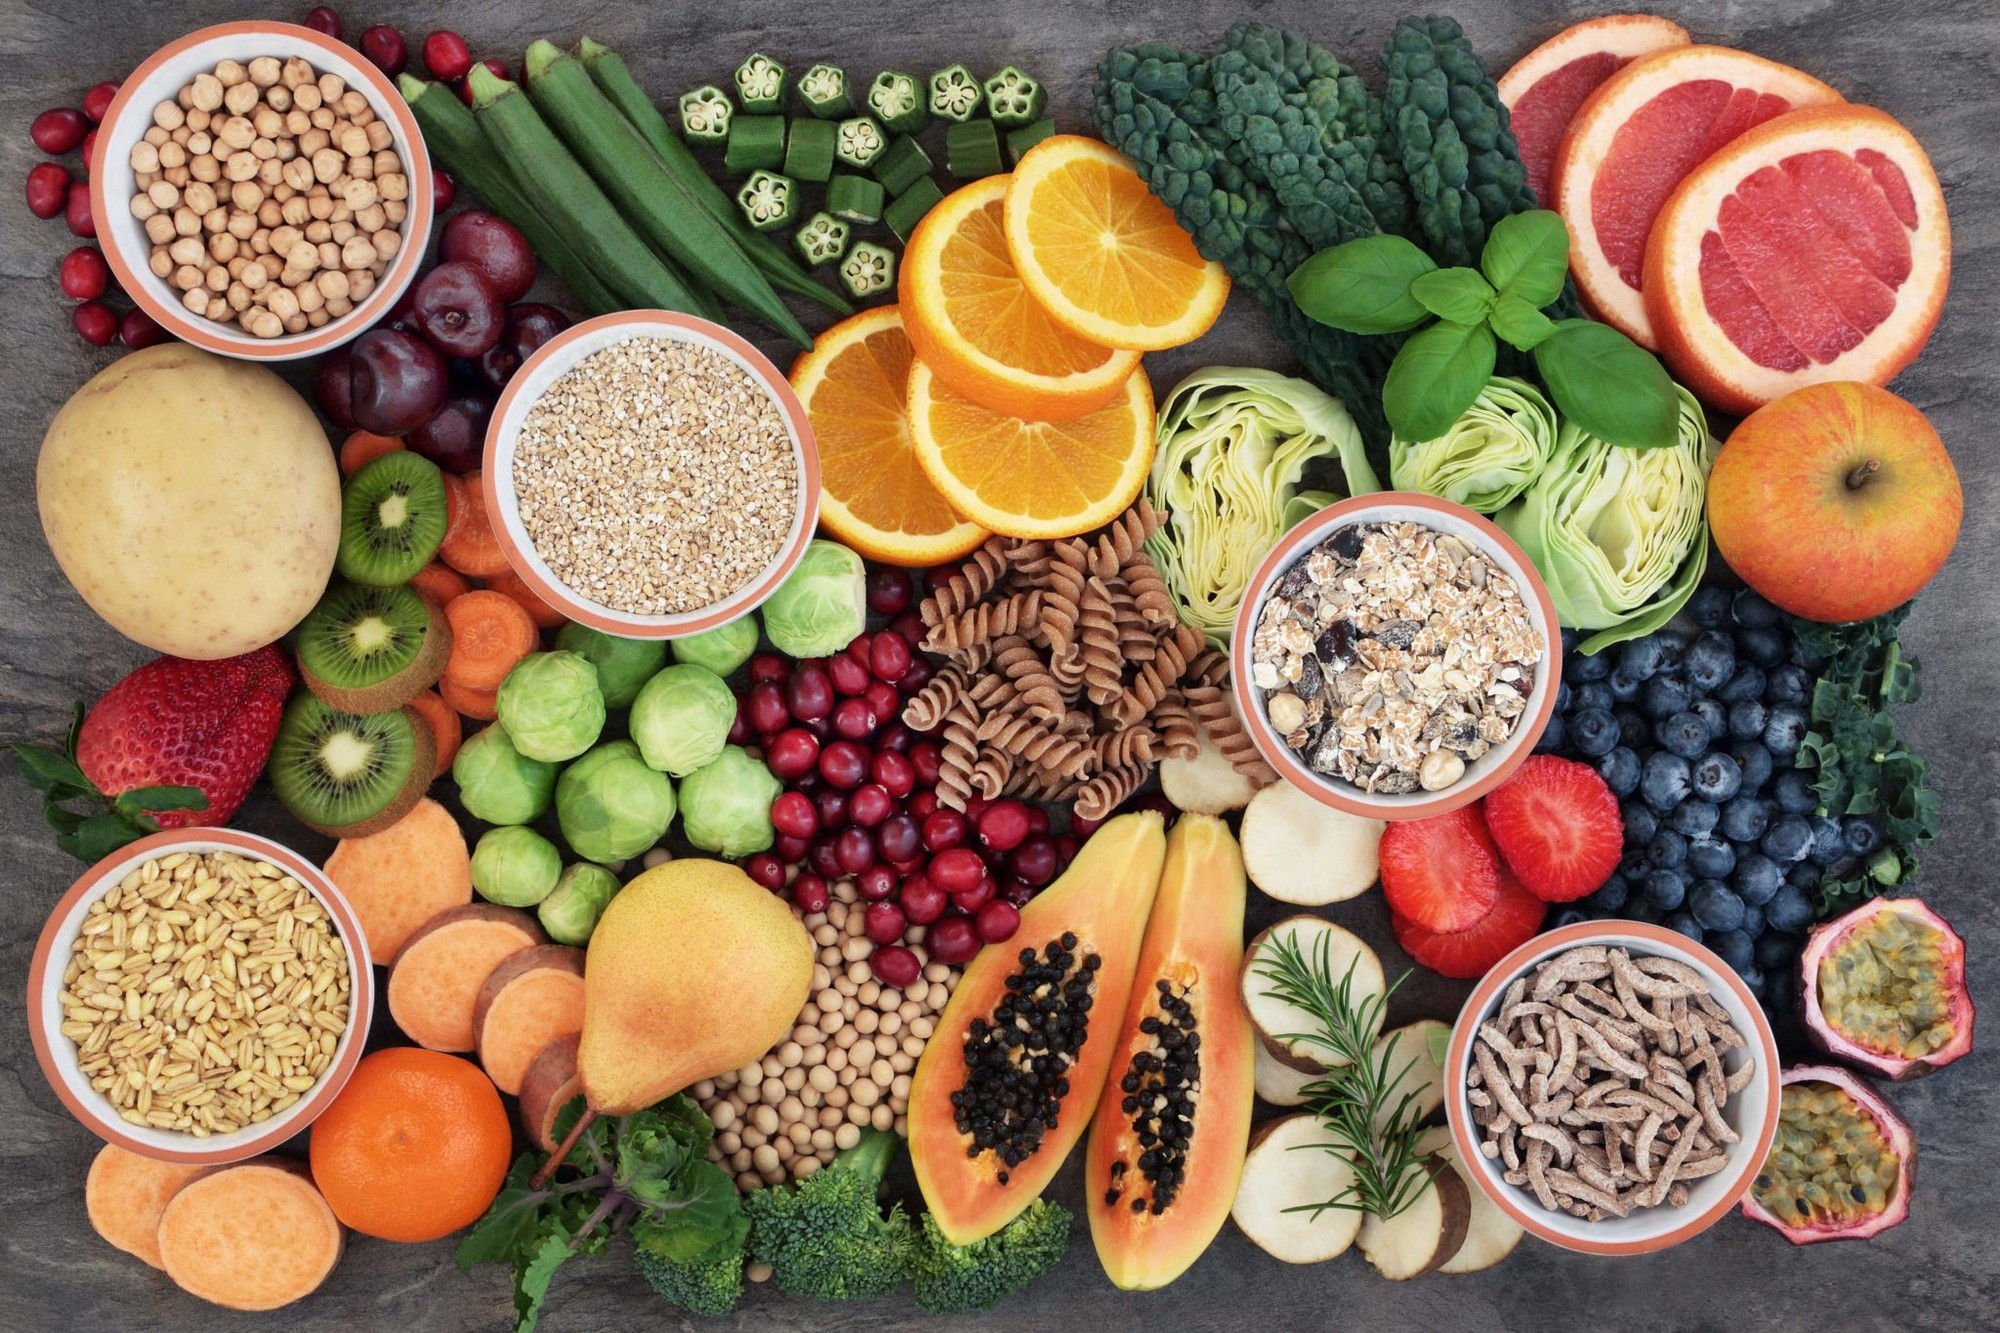 5 lời khuyên từ các chuyên gia dinh dưỡng giúp làm giảm nguy cơ ung thư - Ảnh 1.